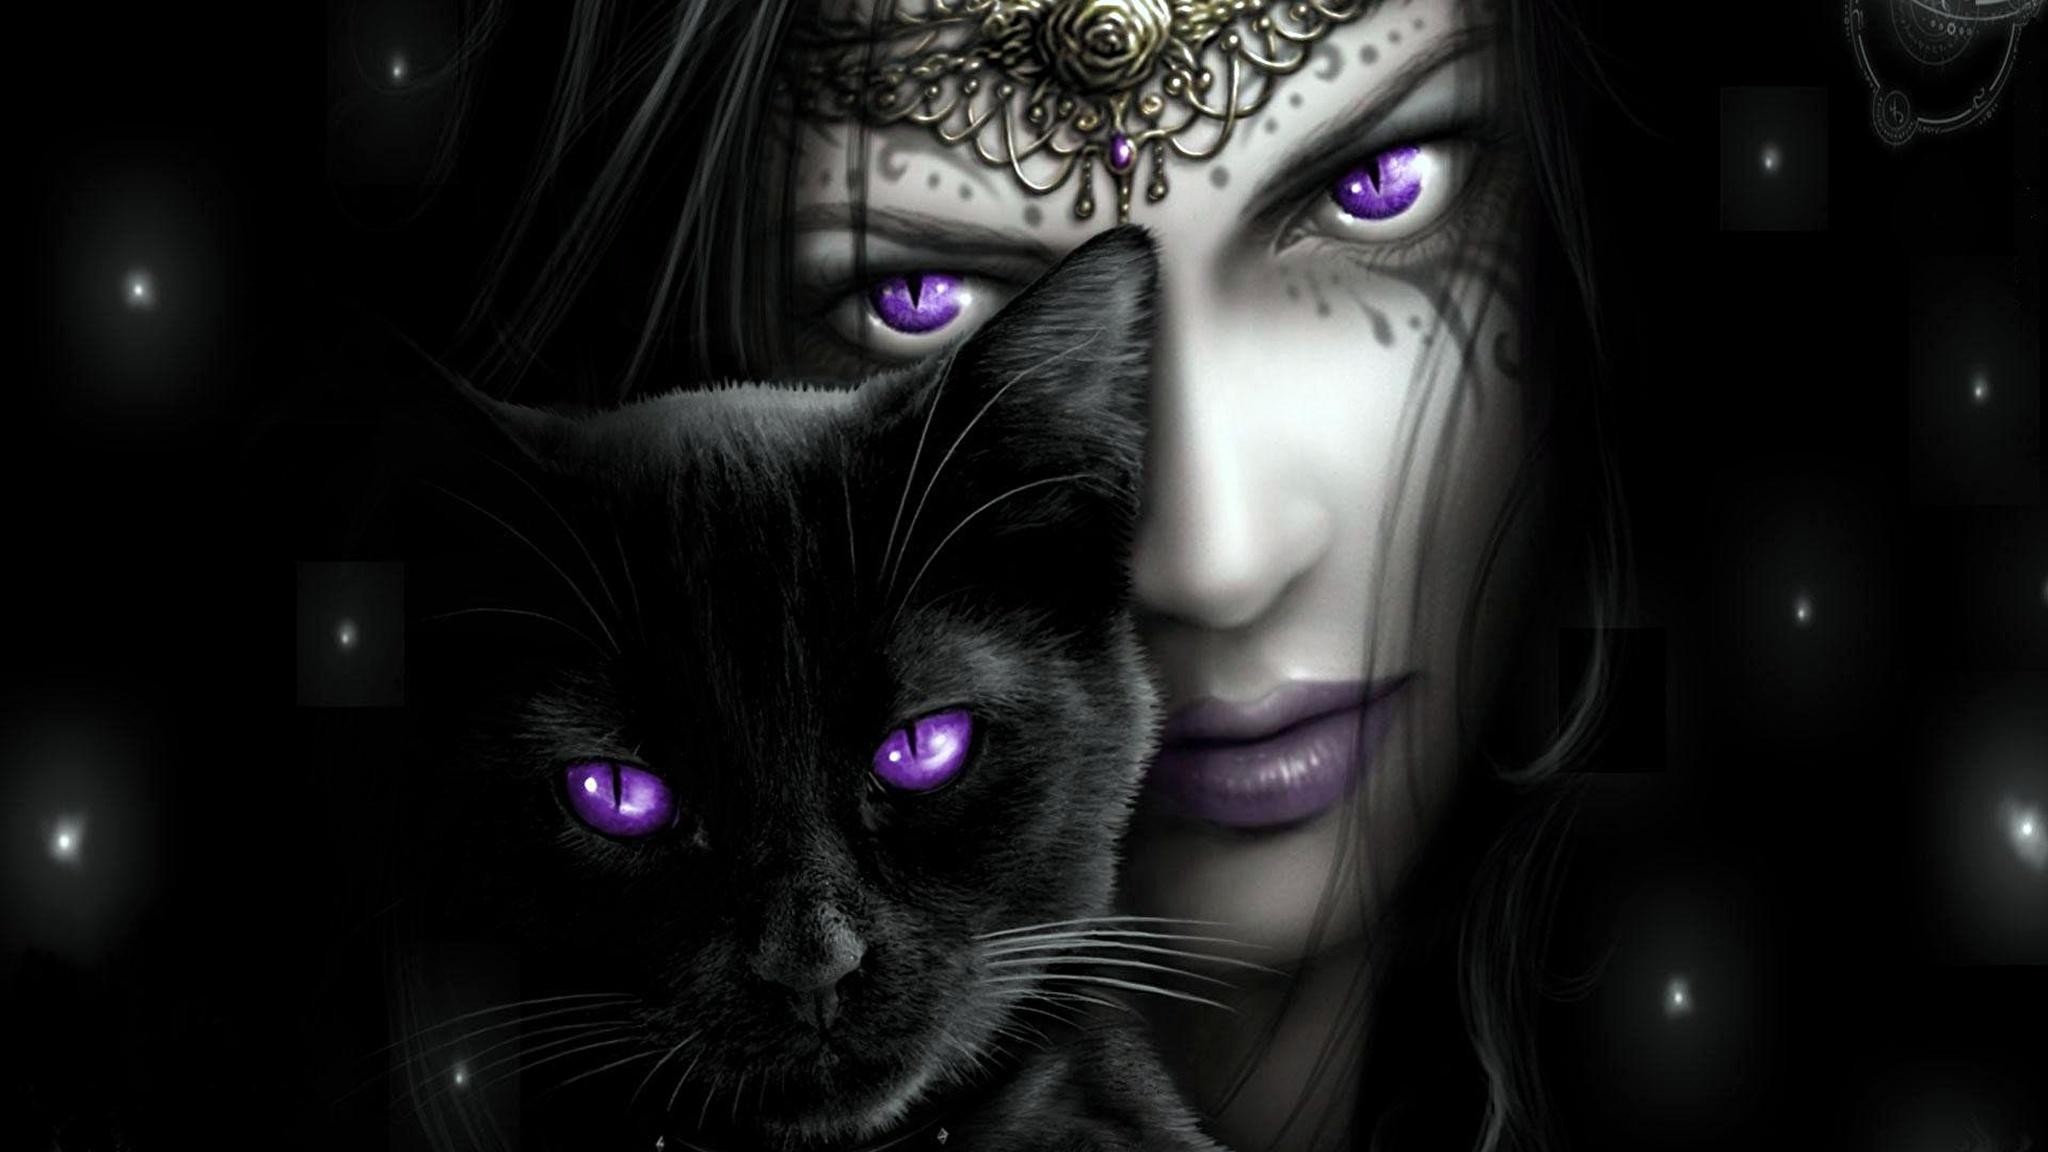 девушка котенок лицо взгляд в хорошем качестве